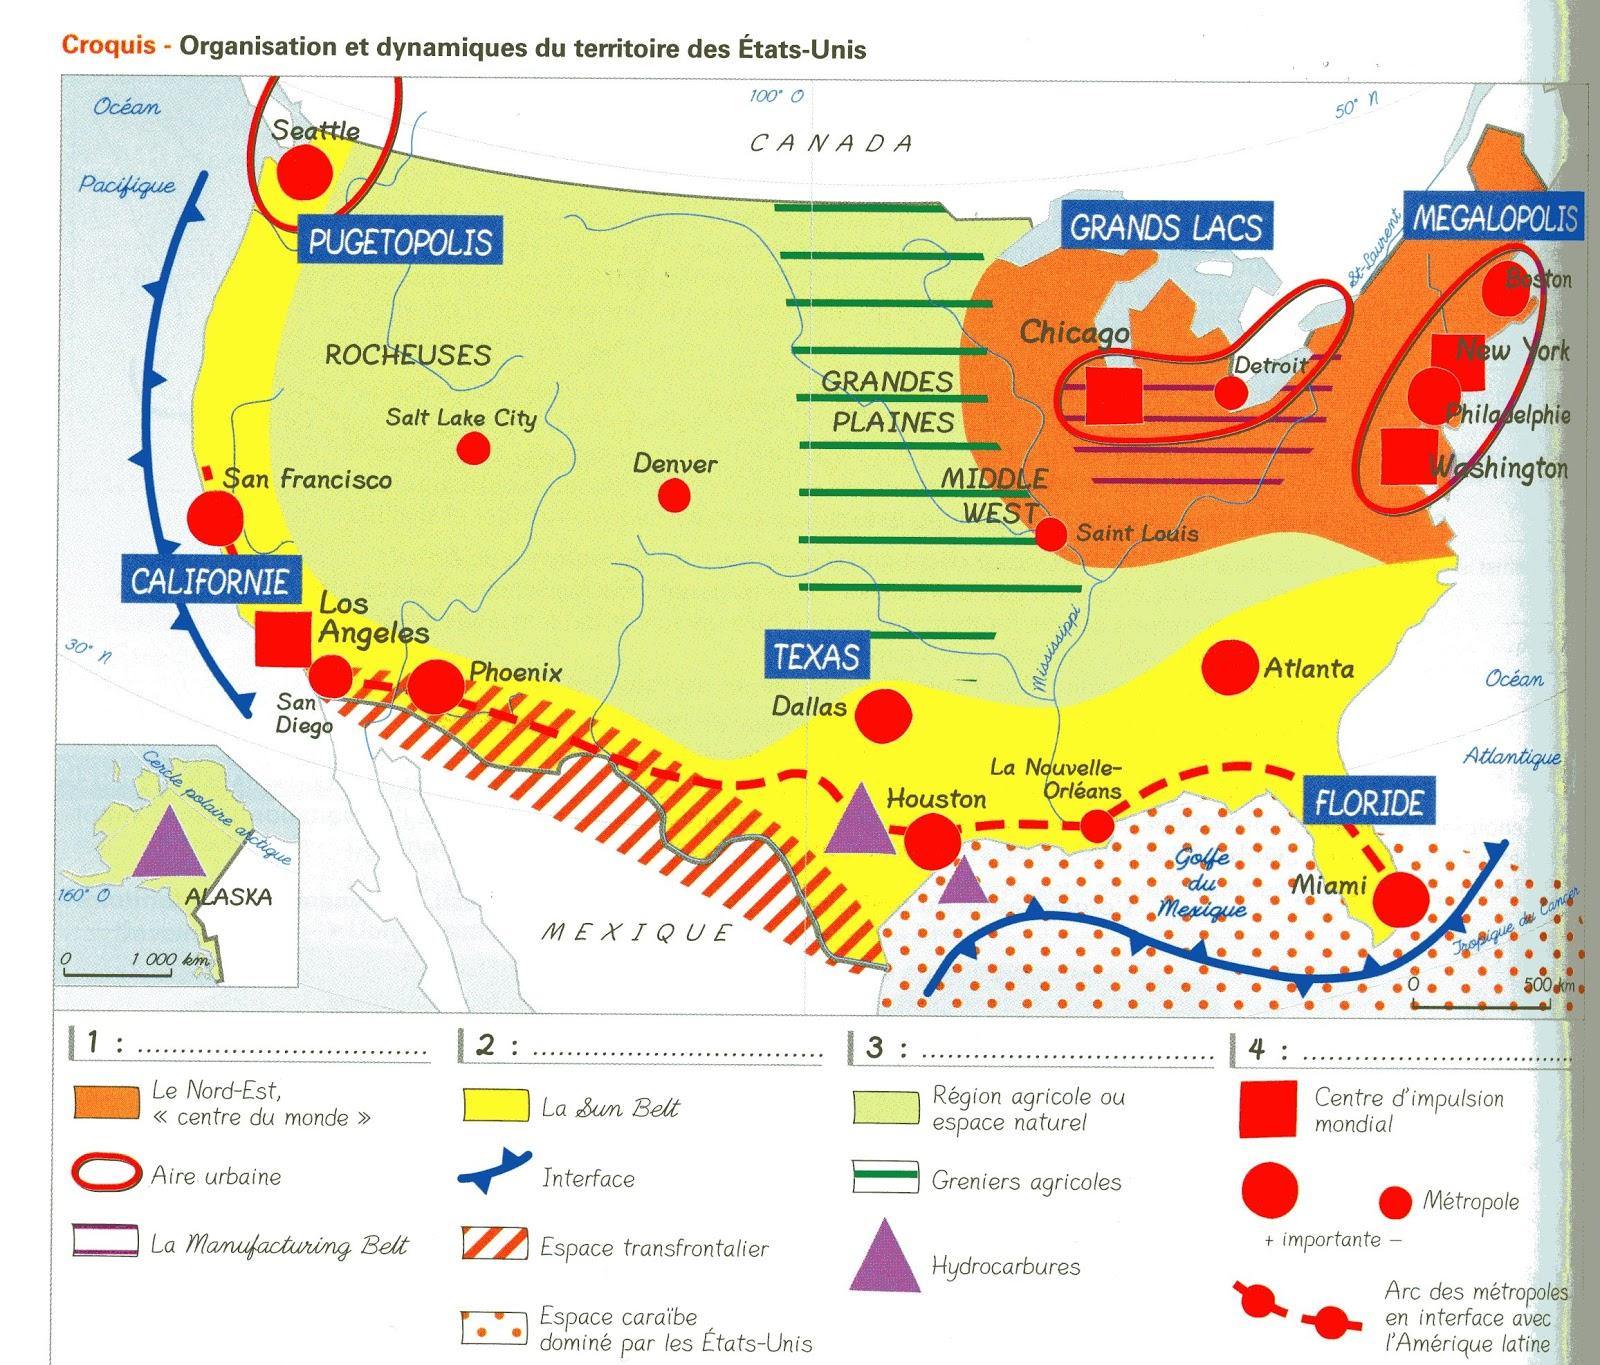 carte les dynamiques territoriales des etats unis La mémoire qui flanche: Organisation et dynamiques territoriales